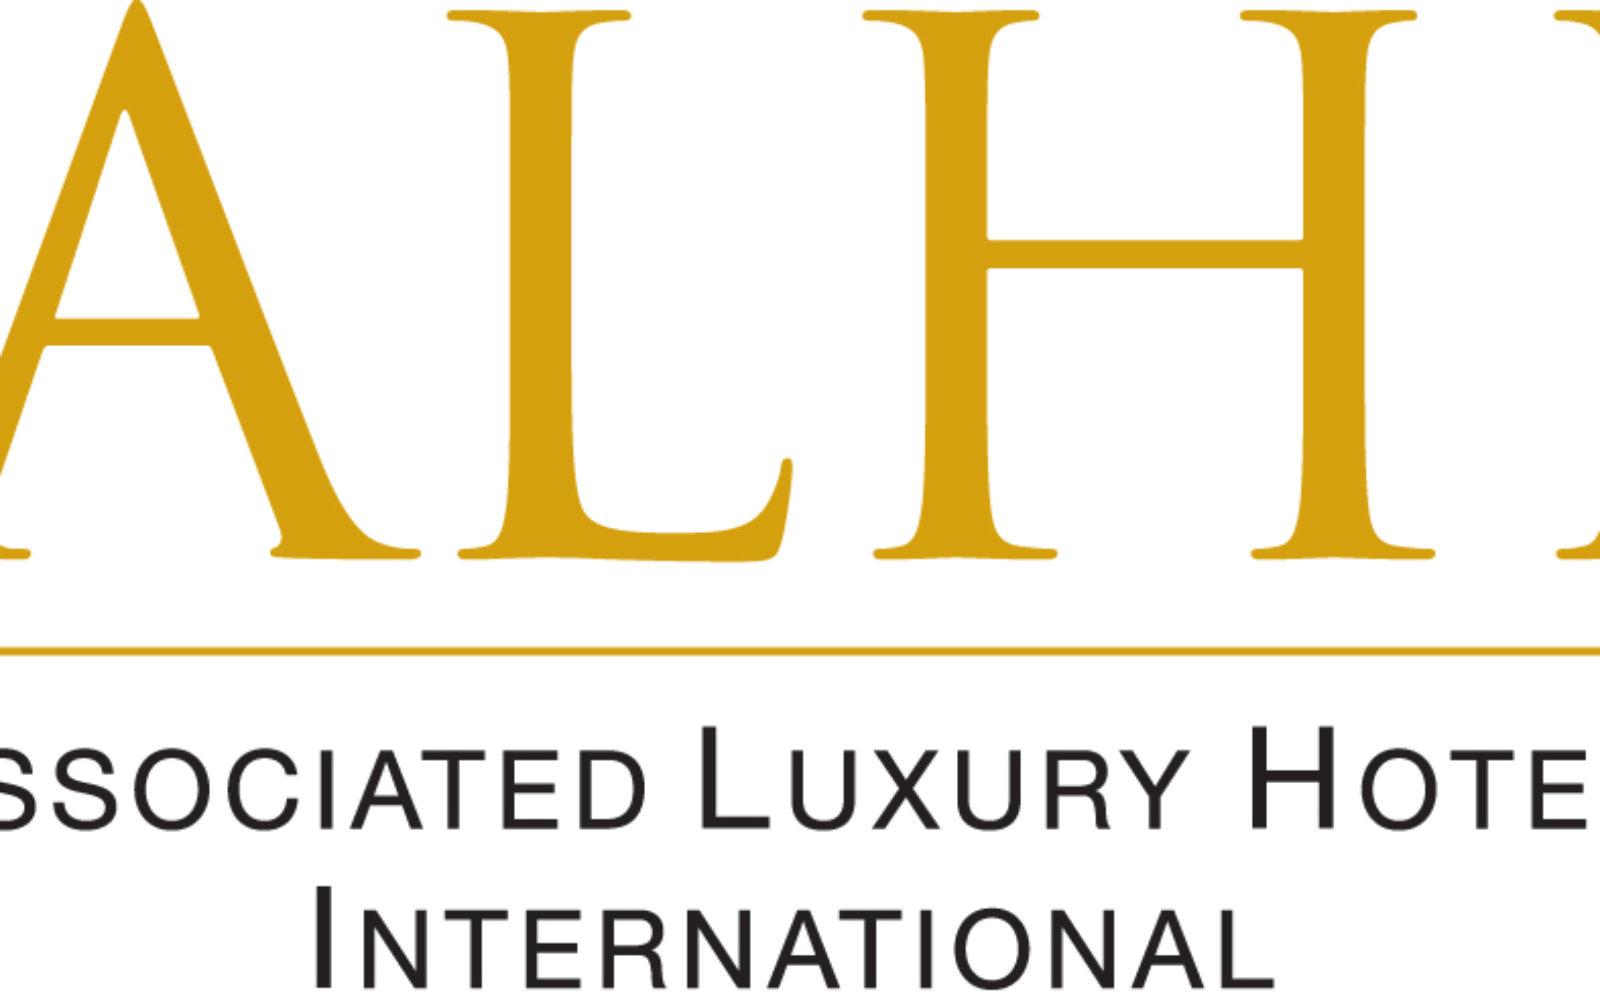 Ociated Luxury Hotels International Opens Global S Office In London